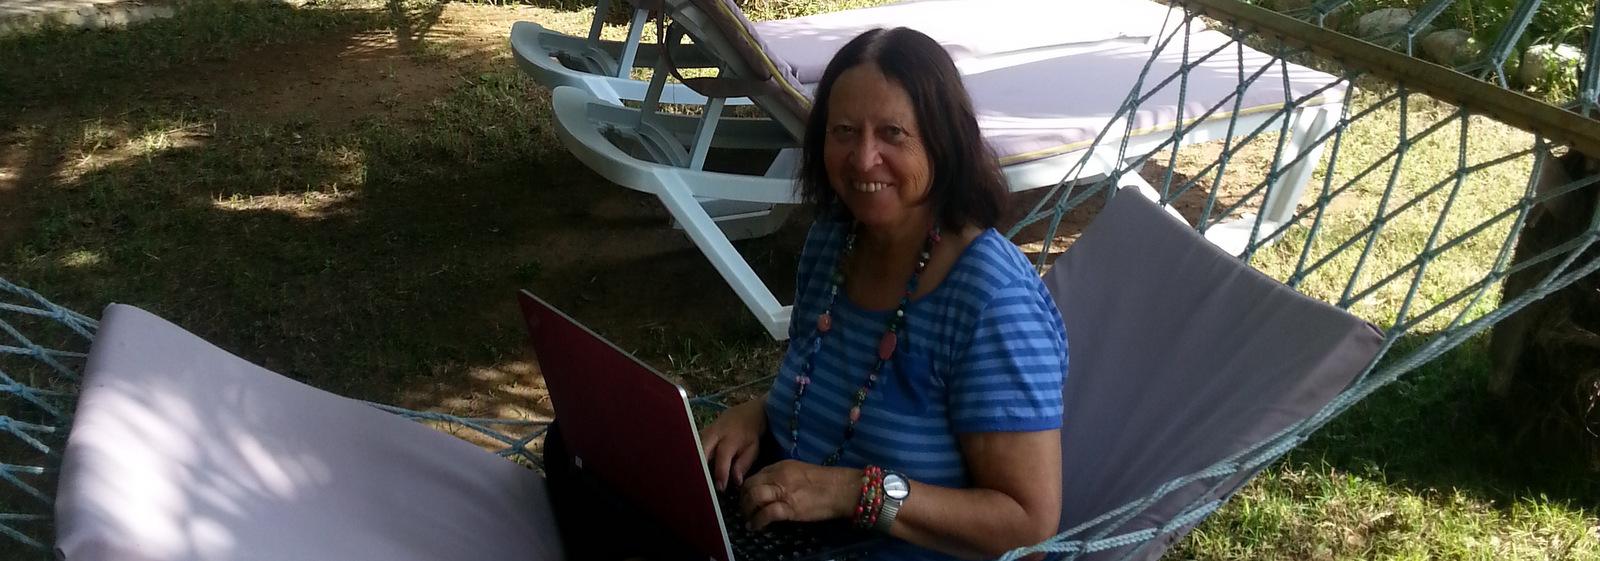 Was ist der Unterschied zwischen Webinar und Live-Online-Seminar?